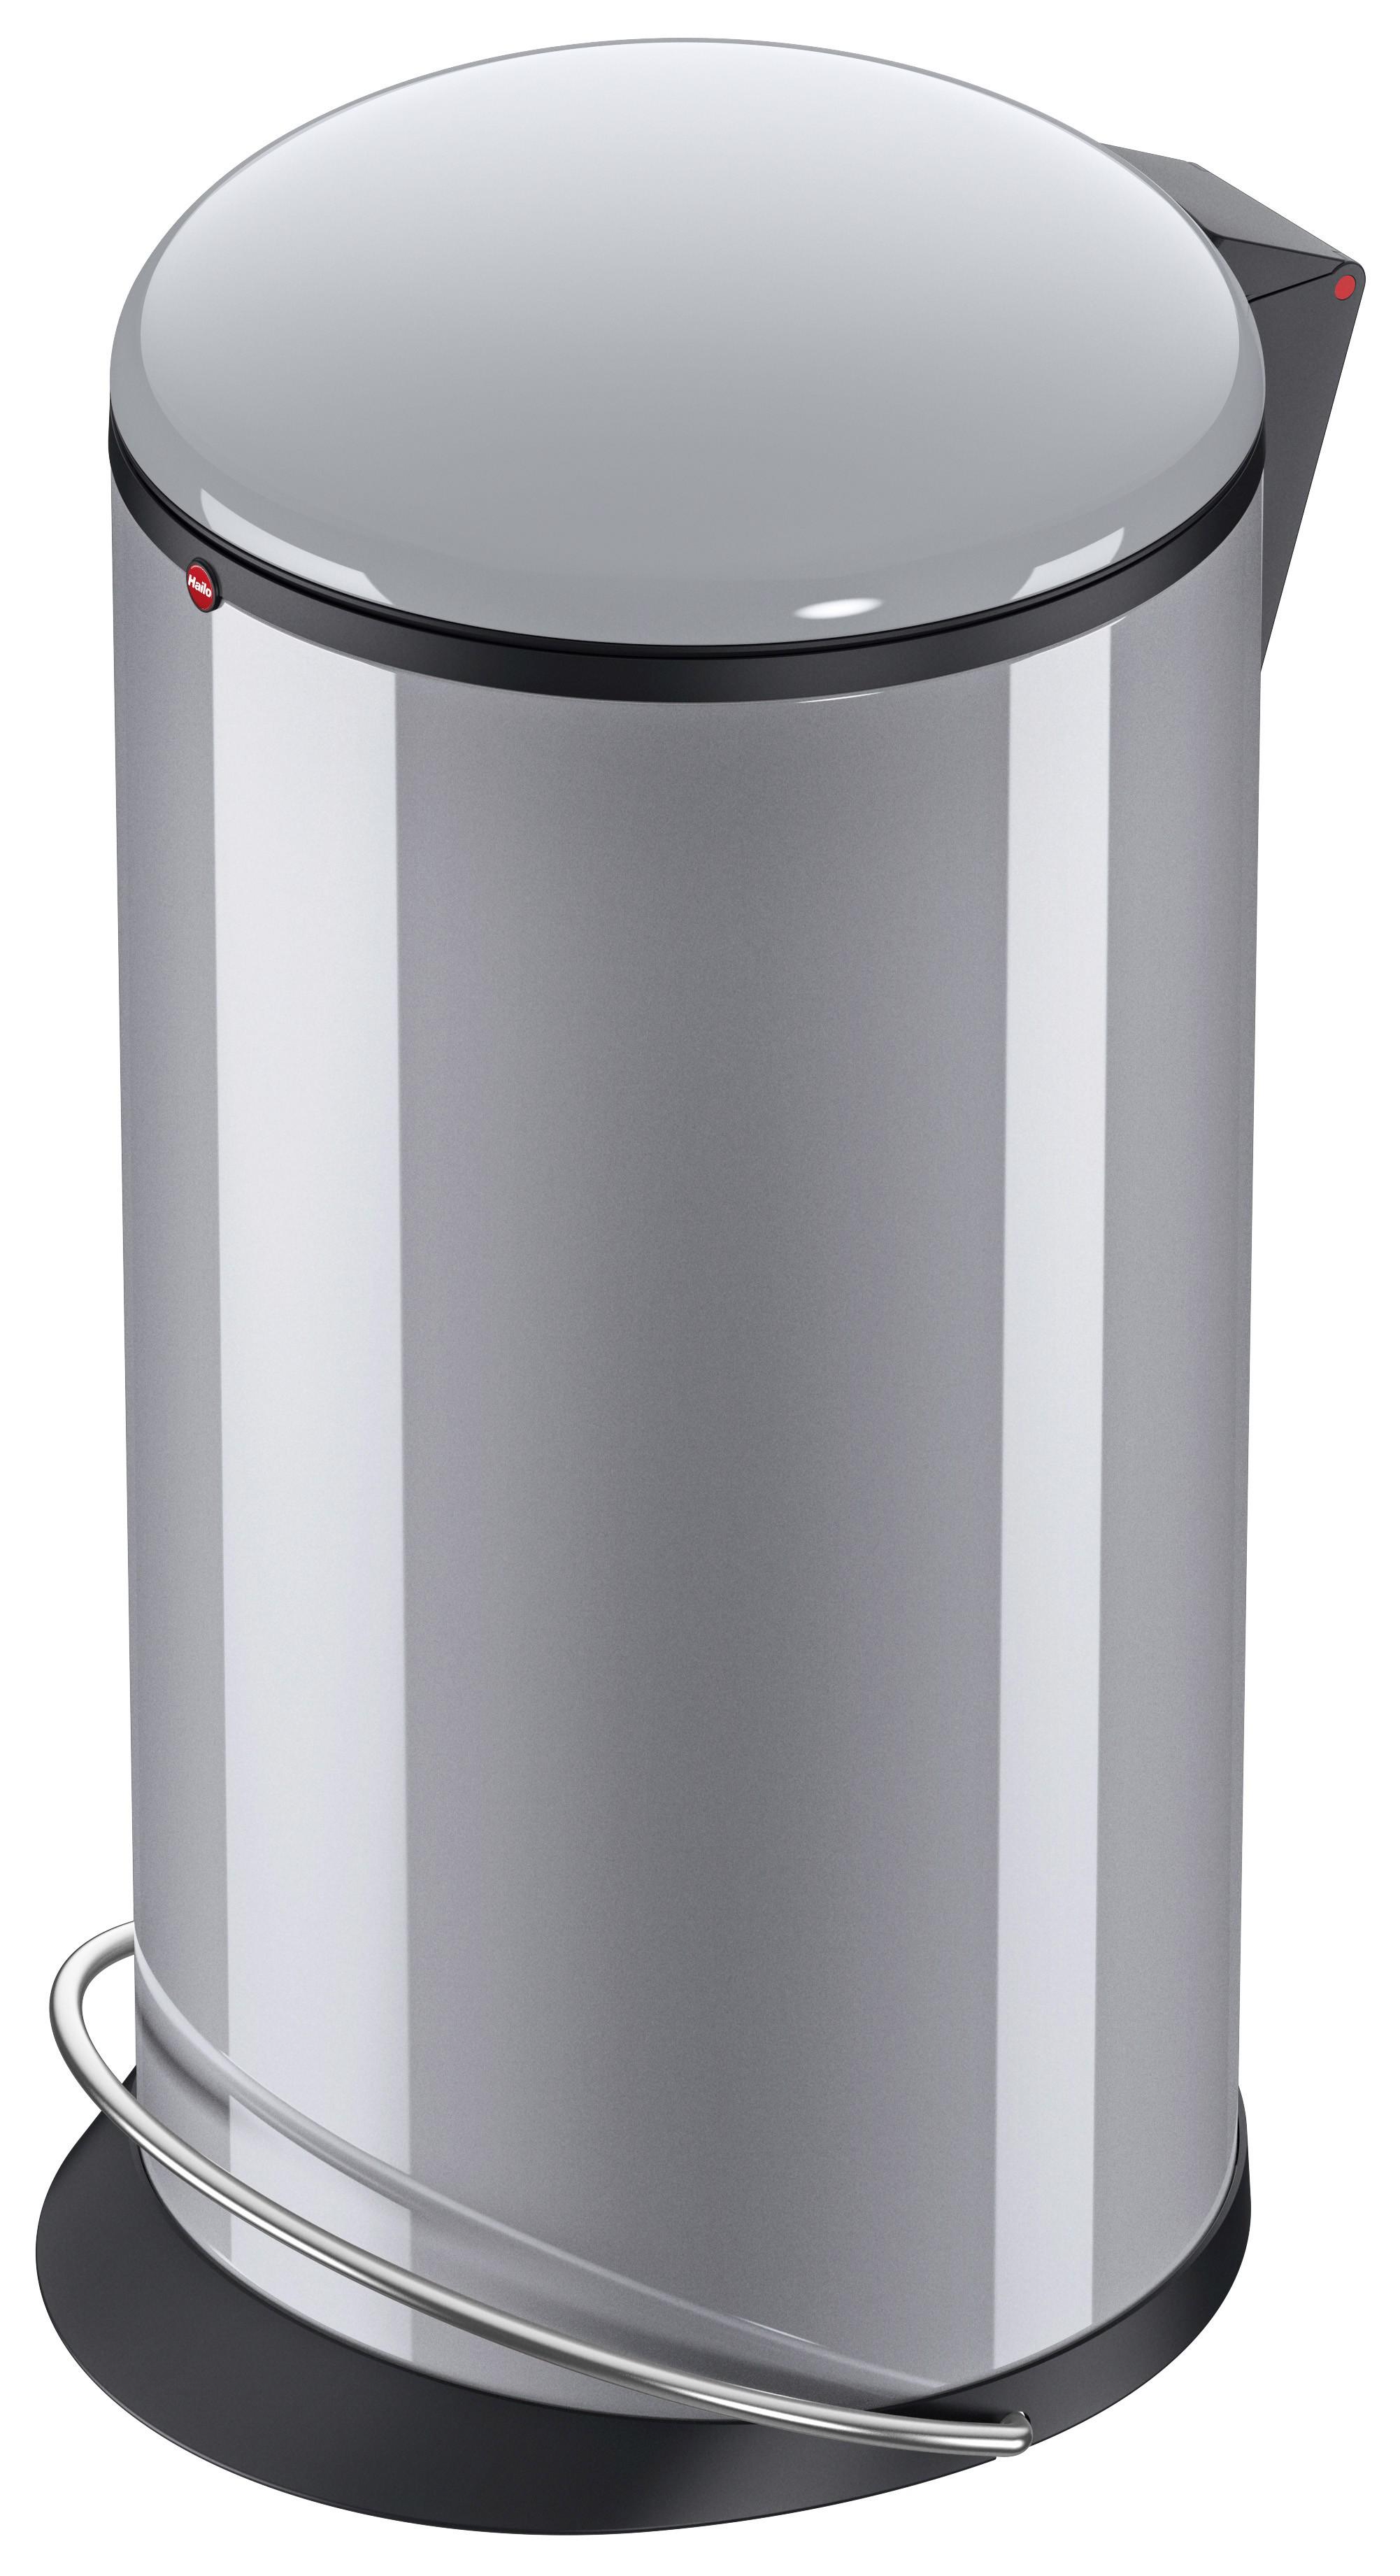 Hailo Harmony L, silber, 20 Liter, Inneneimer: Kunststoff, schwarz, Tret-Abfallsammler